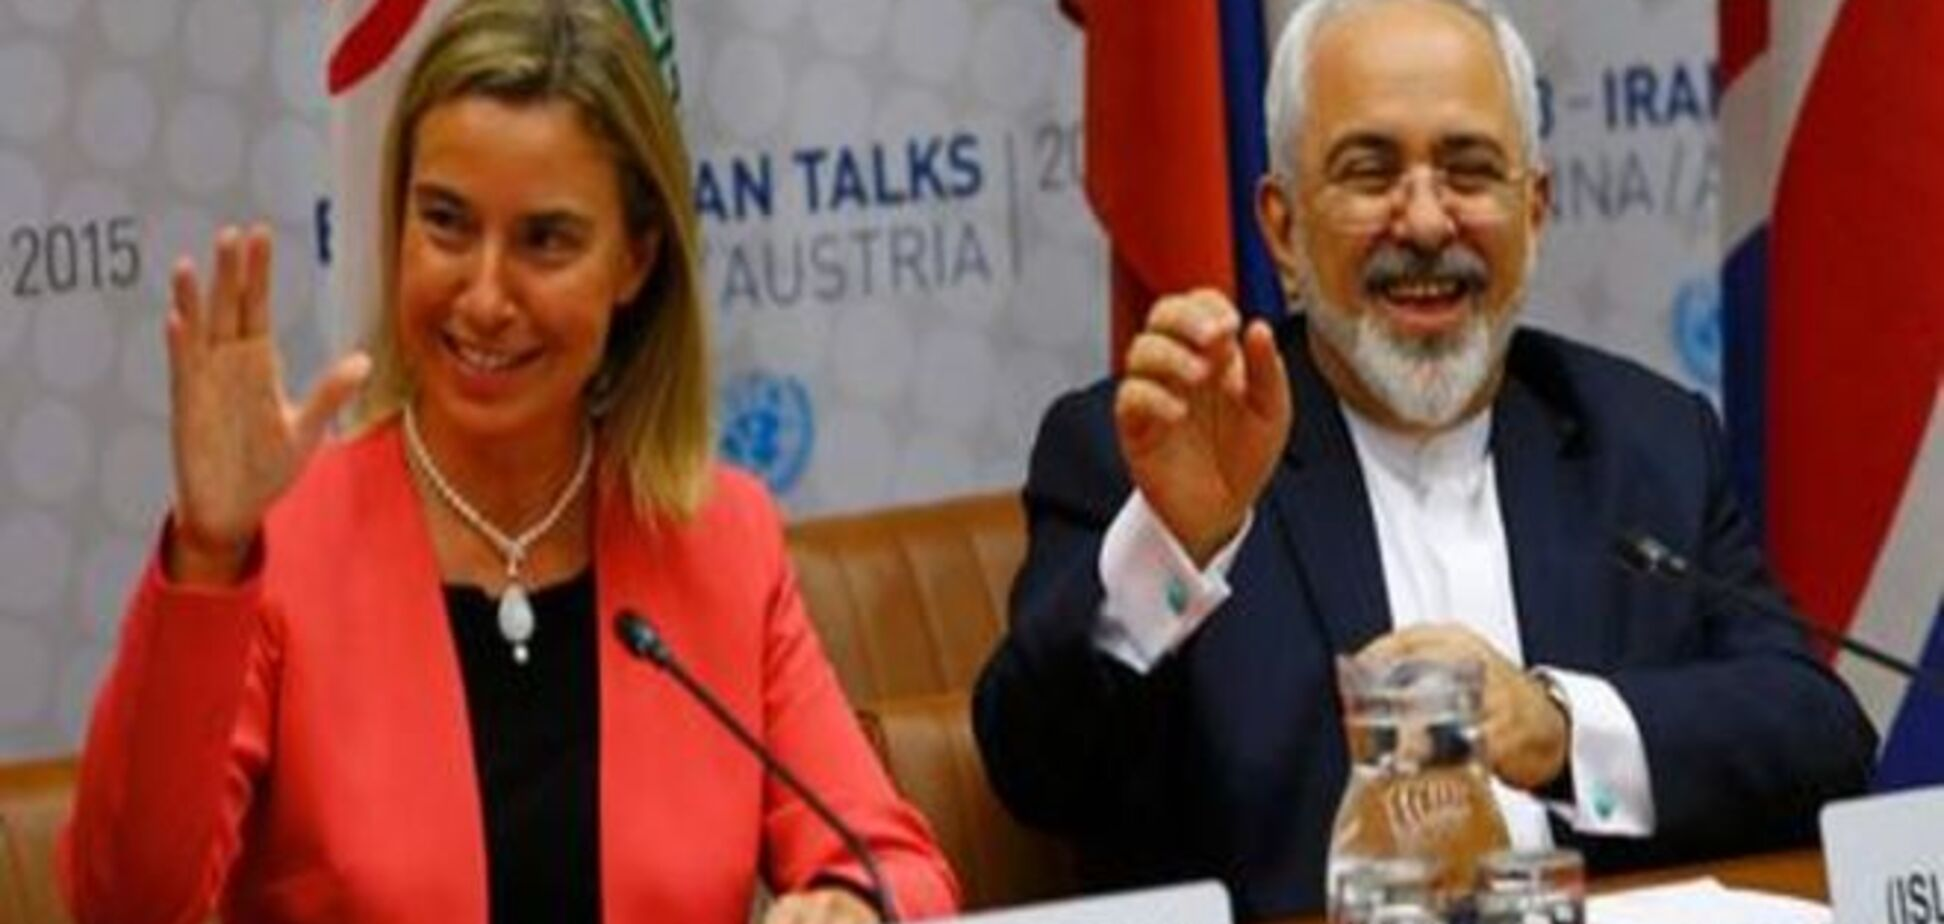 Світові реакції на угоду з Іраном: Від 'історичної події' до 'історичної помилки'